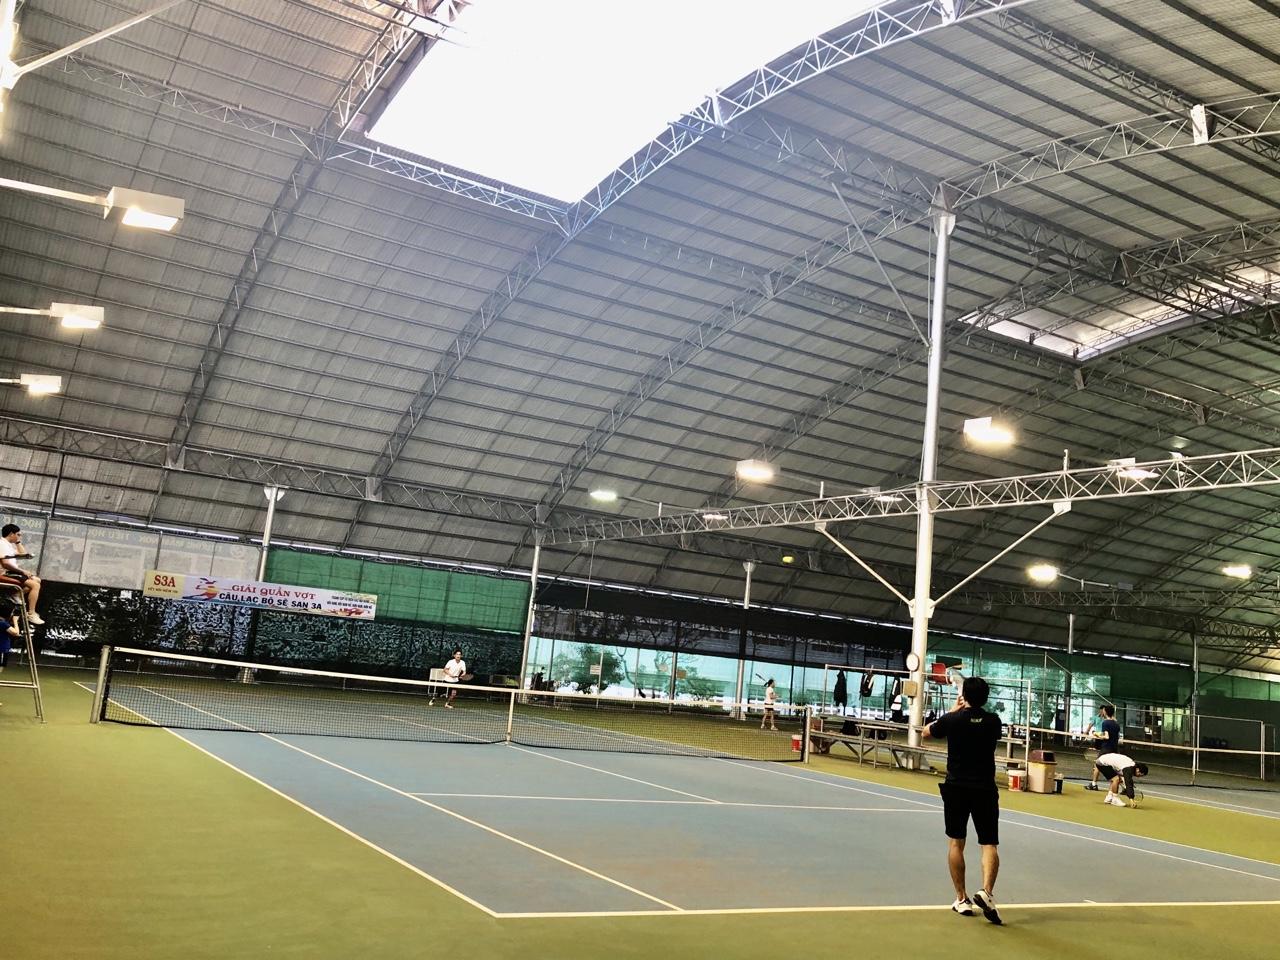 Giải quần vợt tranh cúp vô địch Câu lạc bộ tennis Sê San 3A.